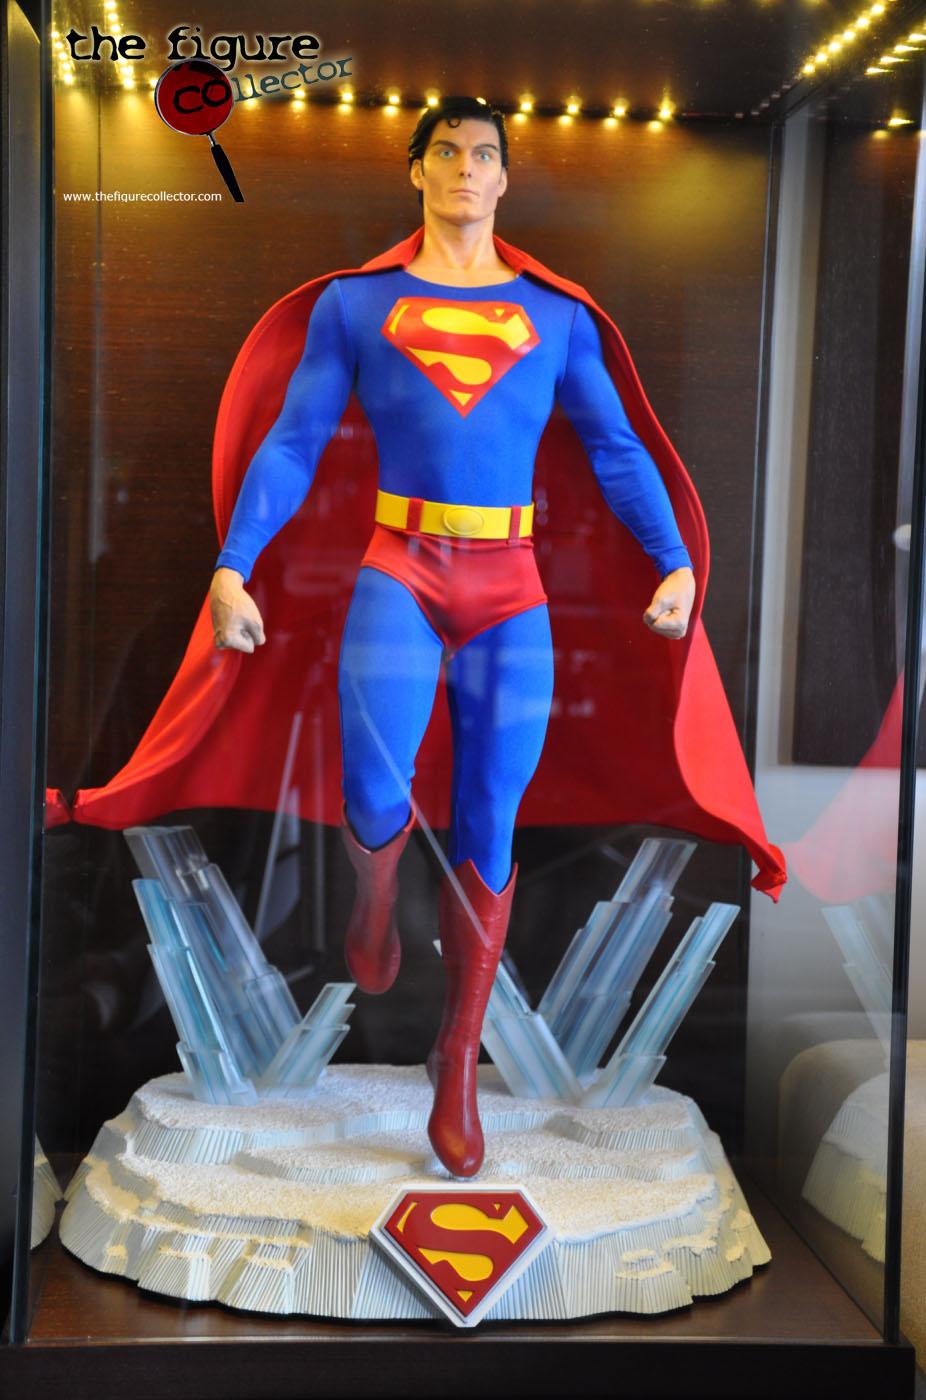 Colecao do Turco louis gara do forum Sideshow Collectors! Pobrinho!!! Superman-Cinemaquette-05